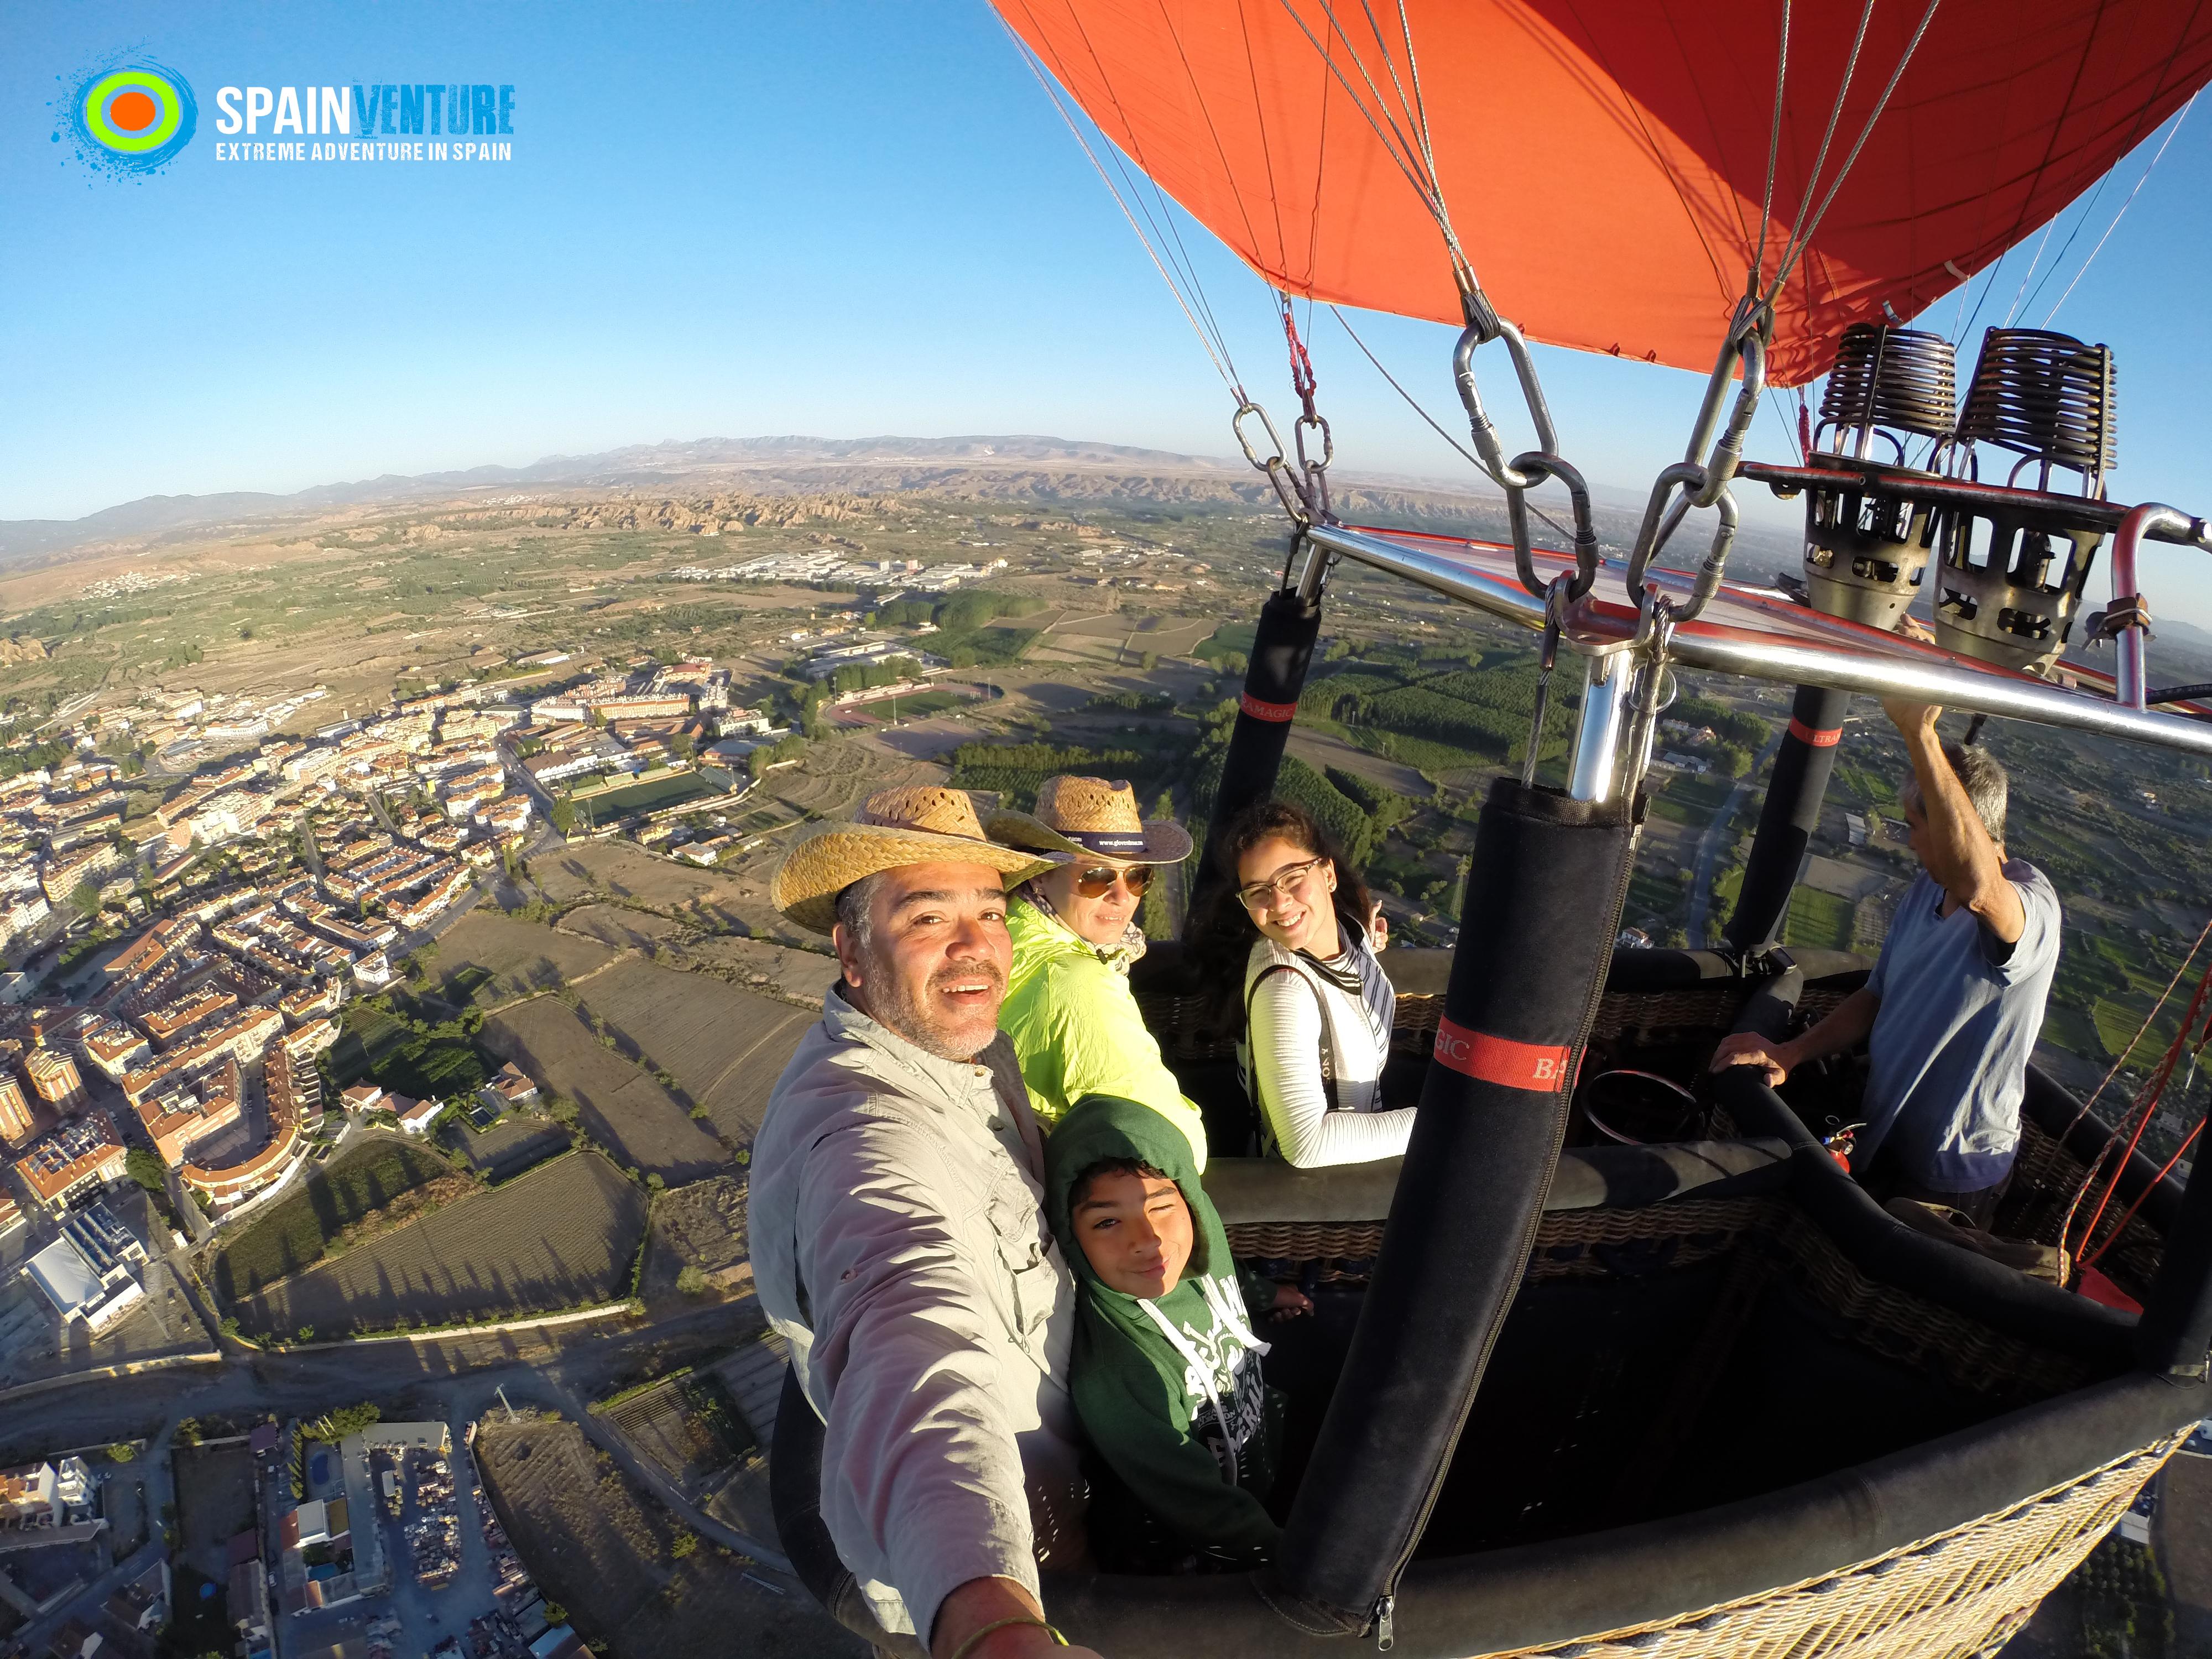 Spainventure Hot Air Balloon Flight in la costa del Sol Fuengirola Aventuras Extremas en Fuengirola Extrem adventures